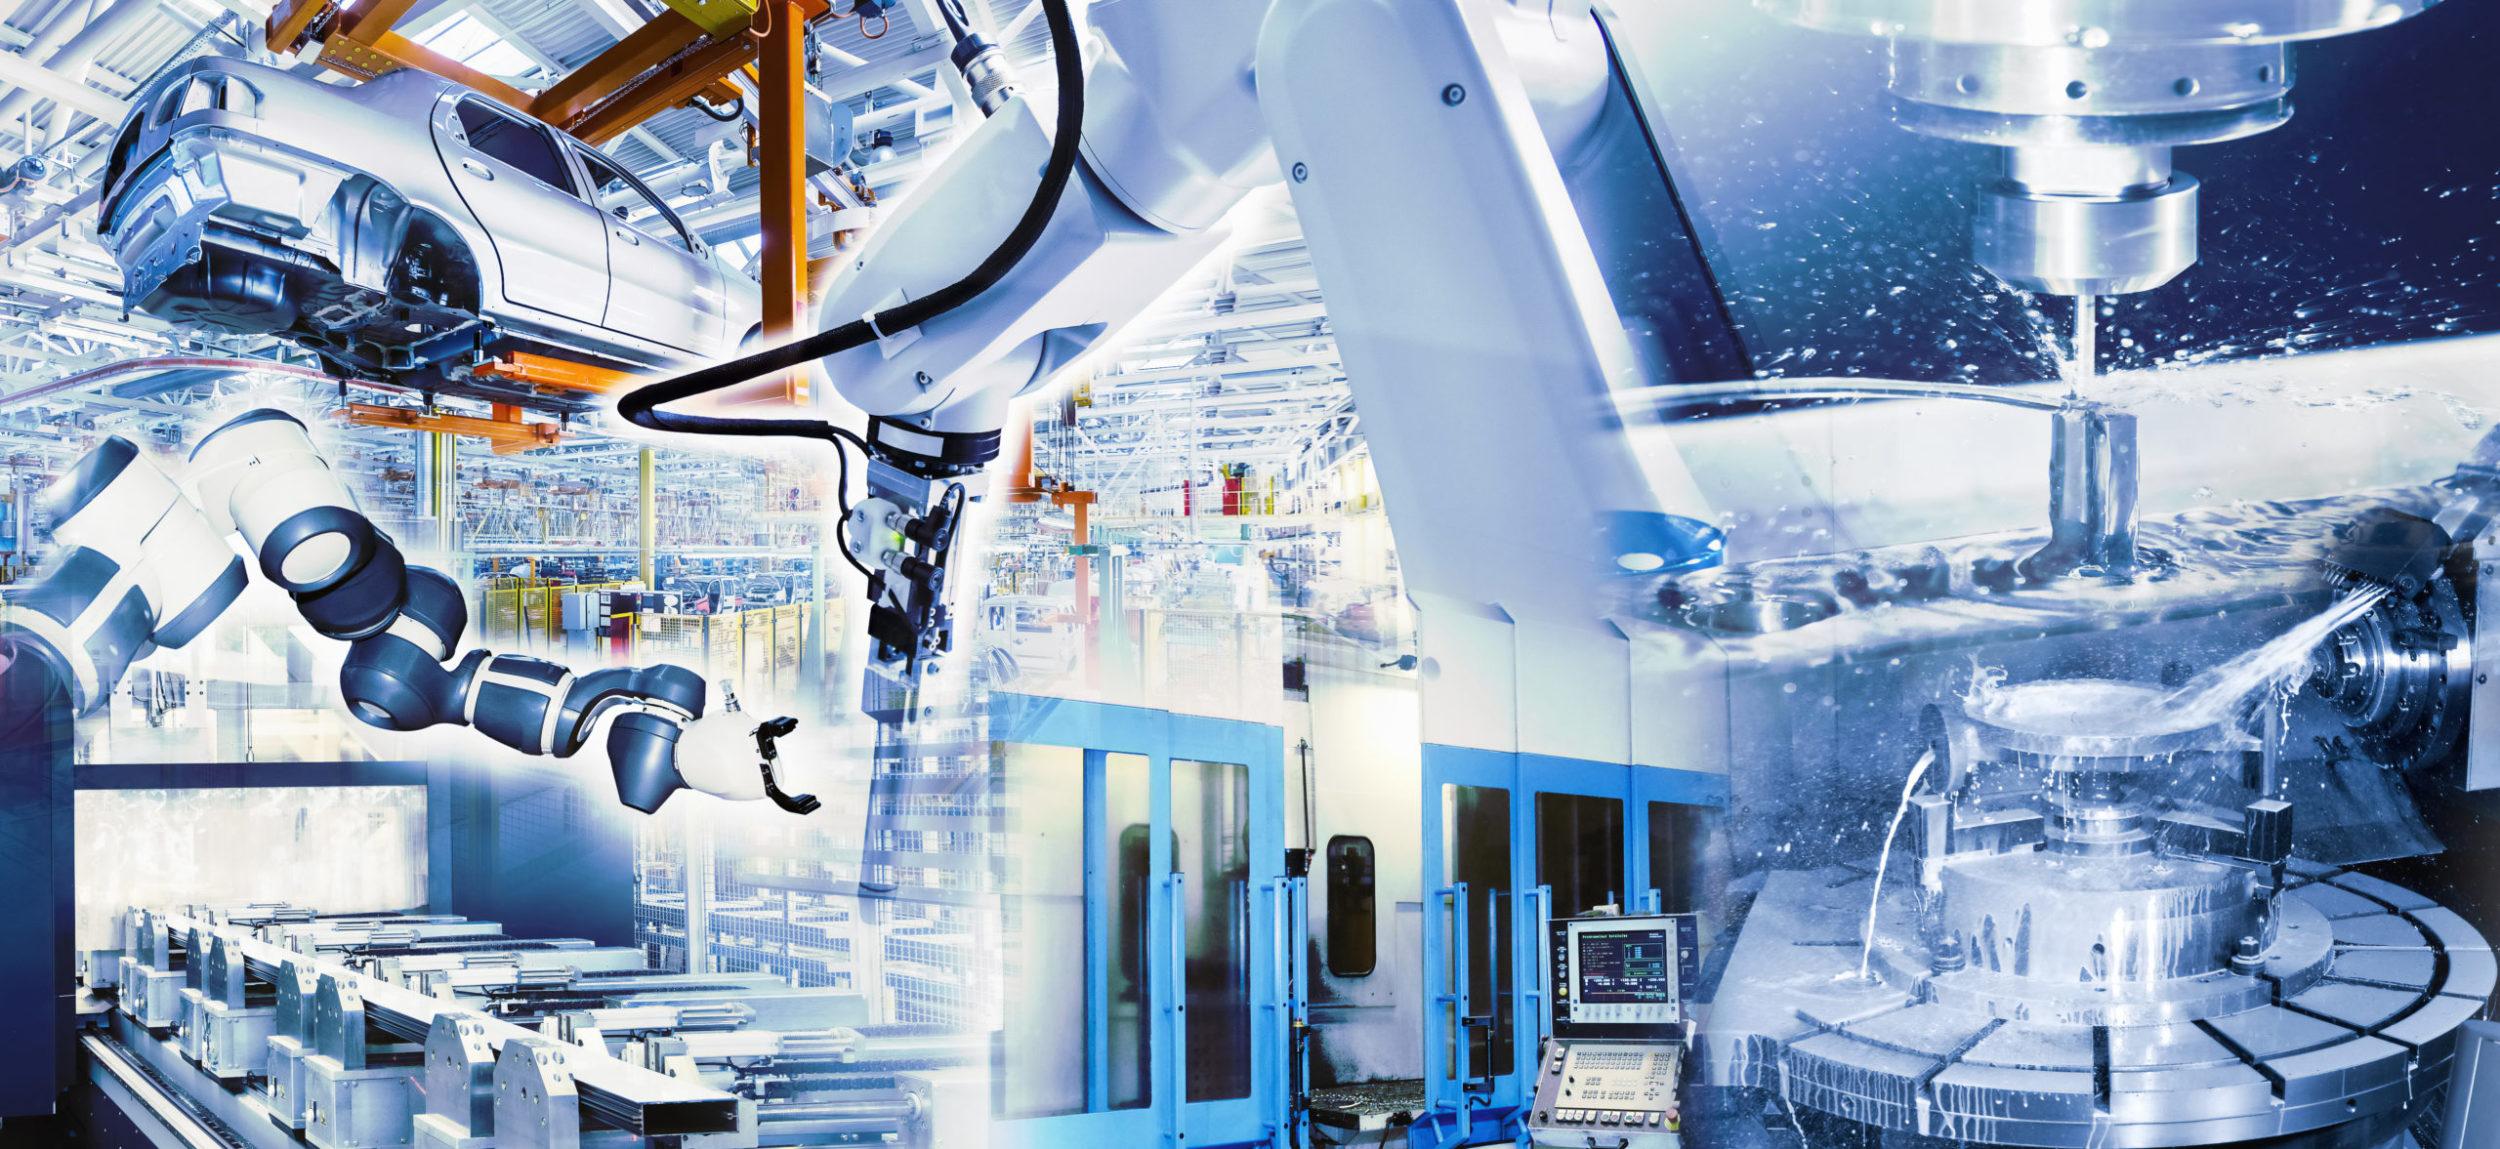 Industrie 4.0 mit hochmoderner Technologie